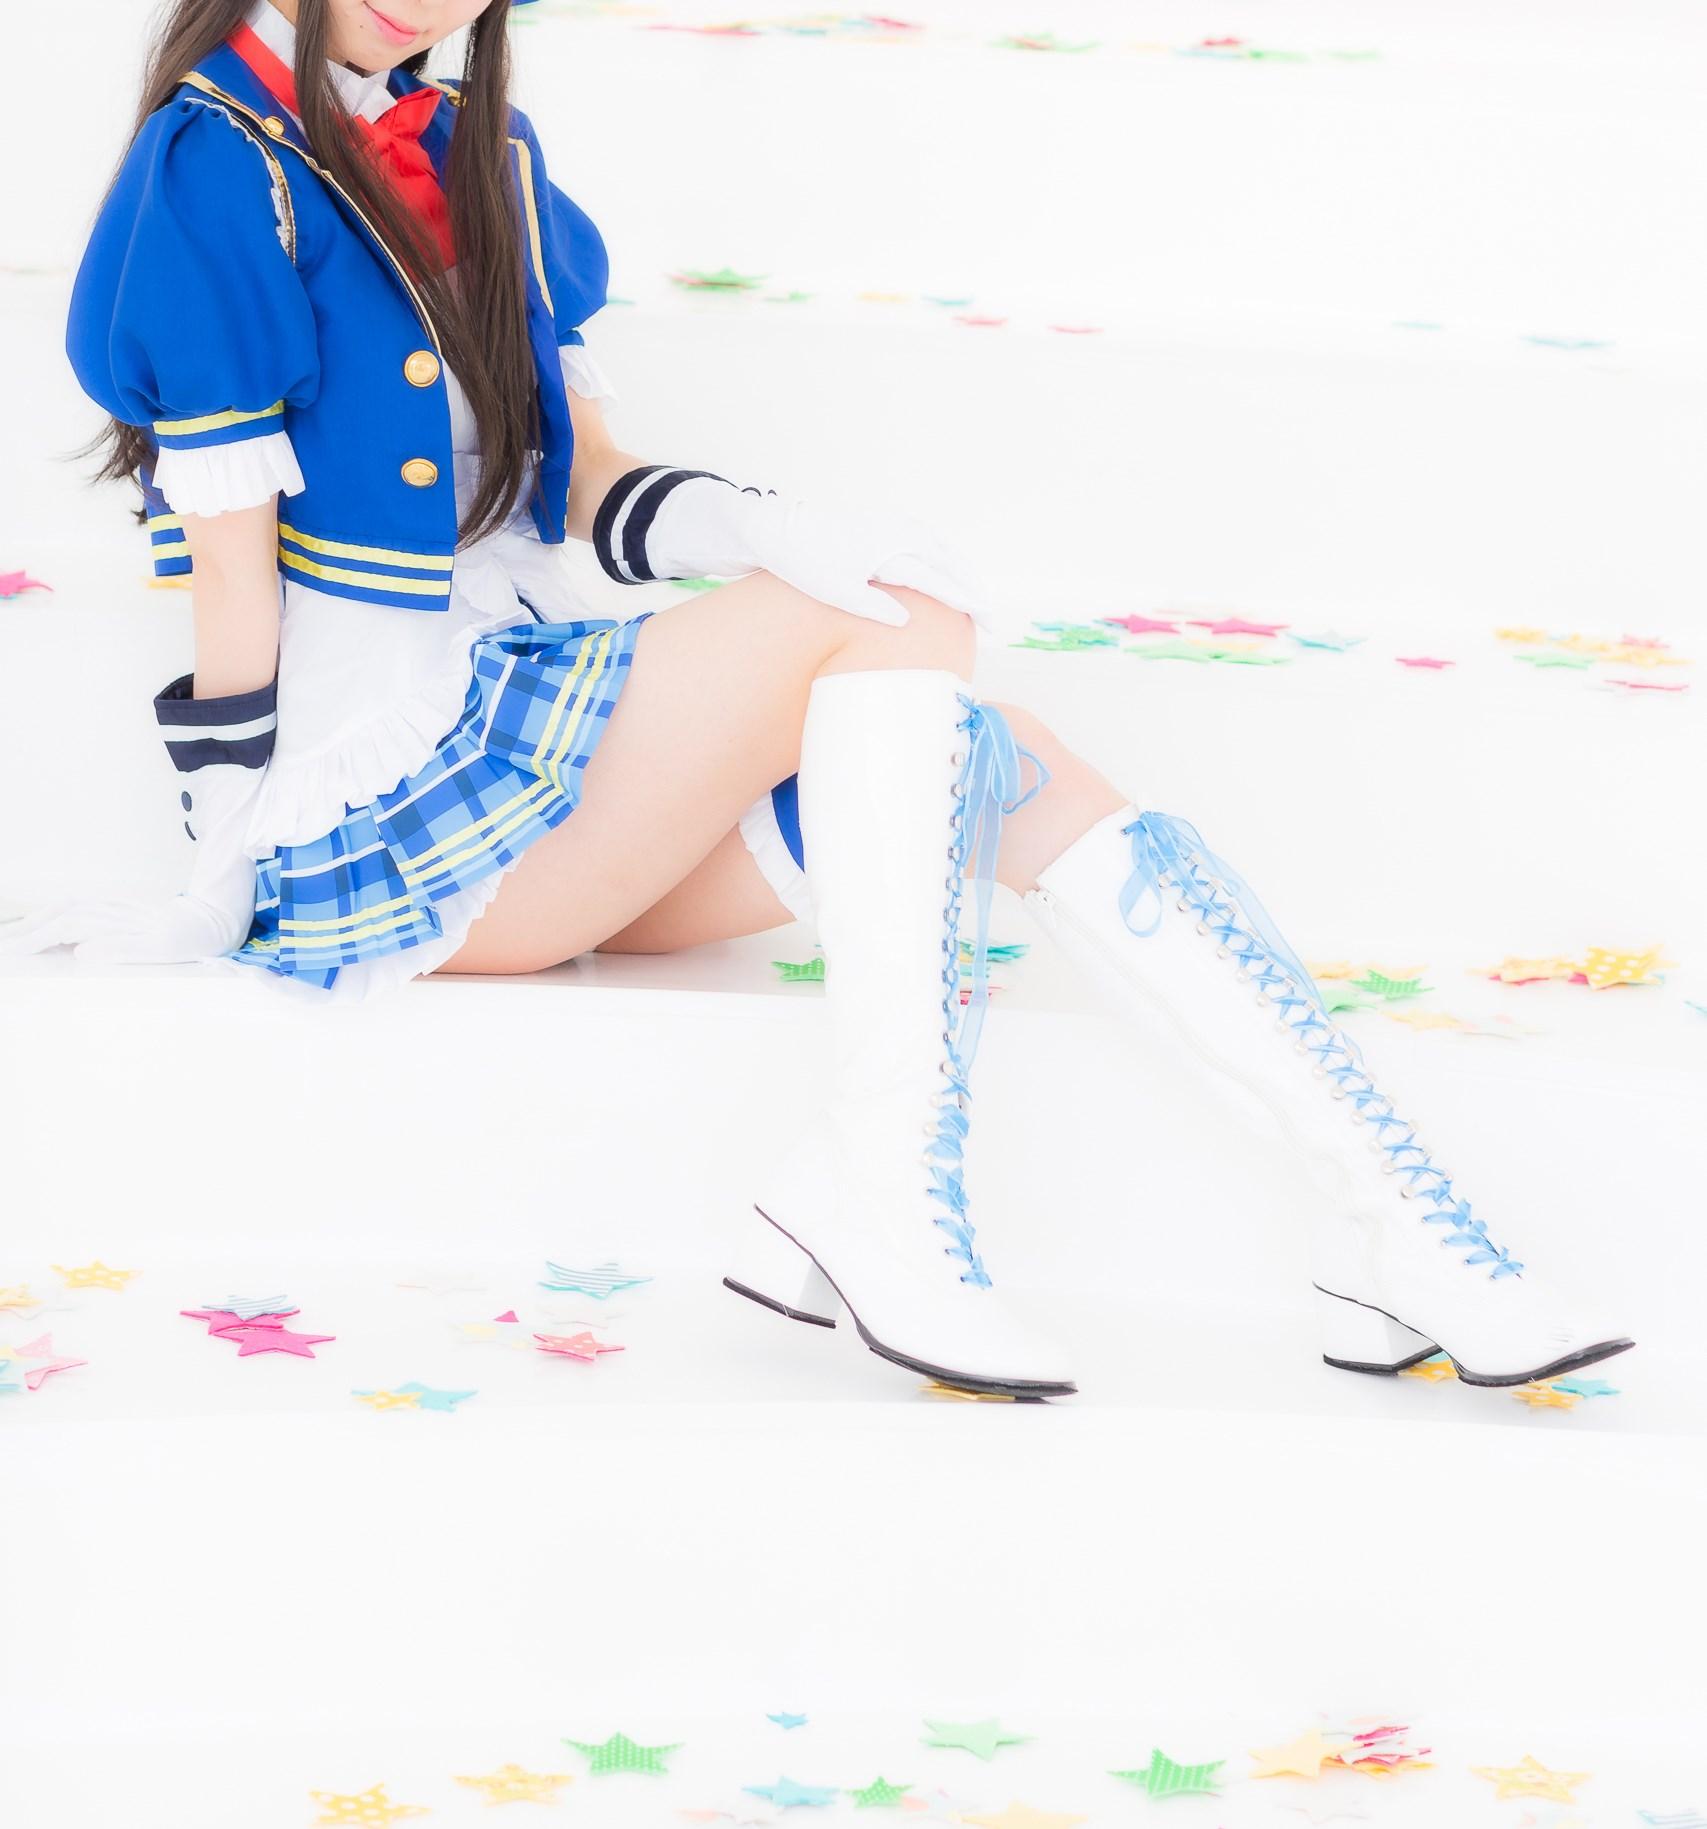 【兔玩映画】少女制服爱豆 兔玩映画 第65张